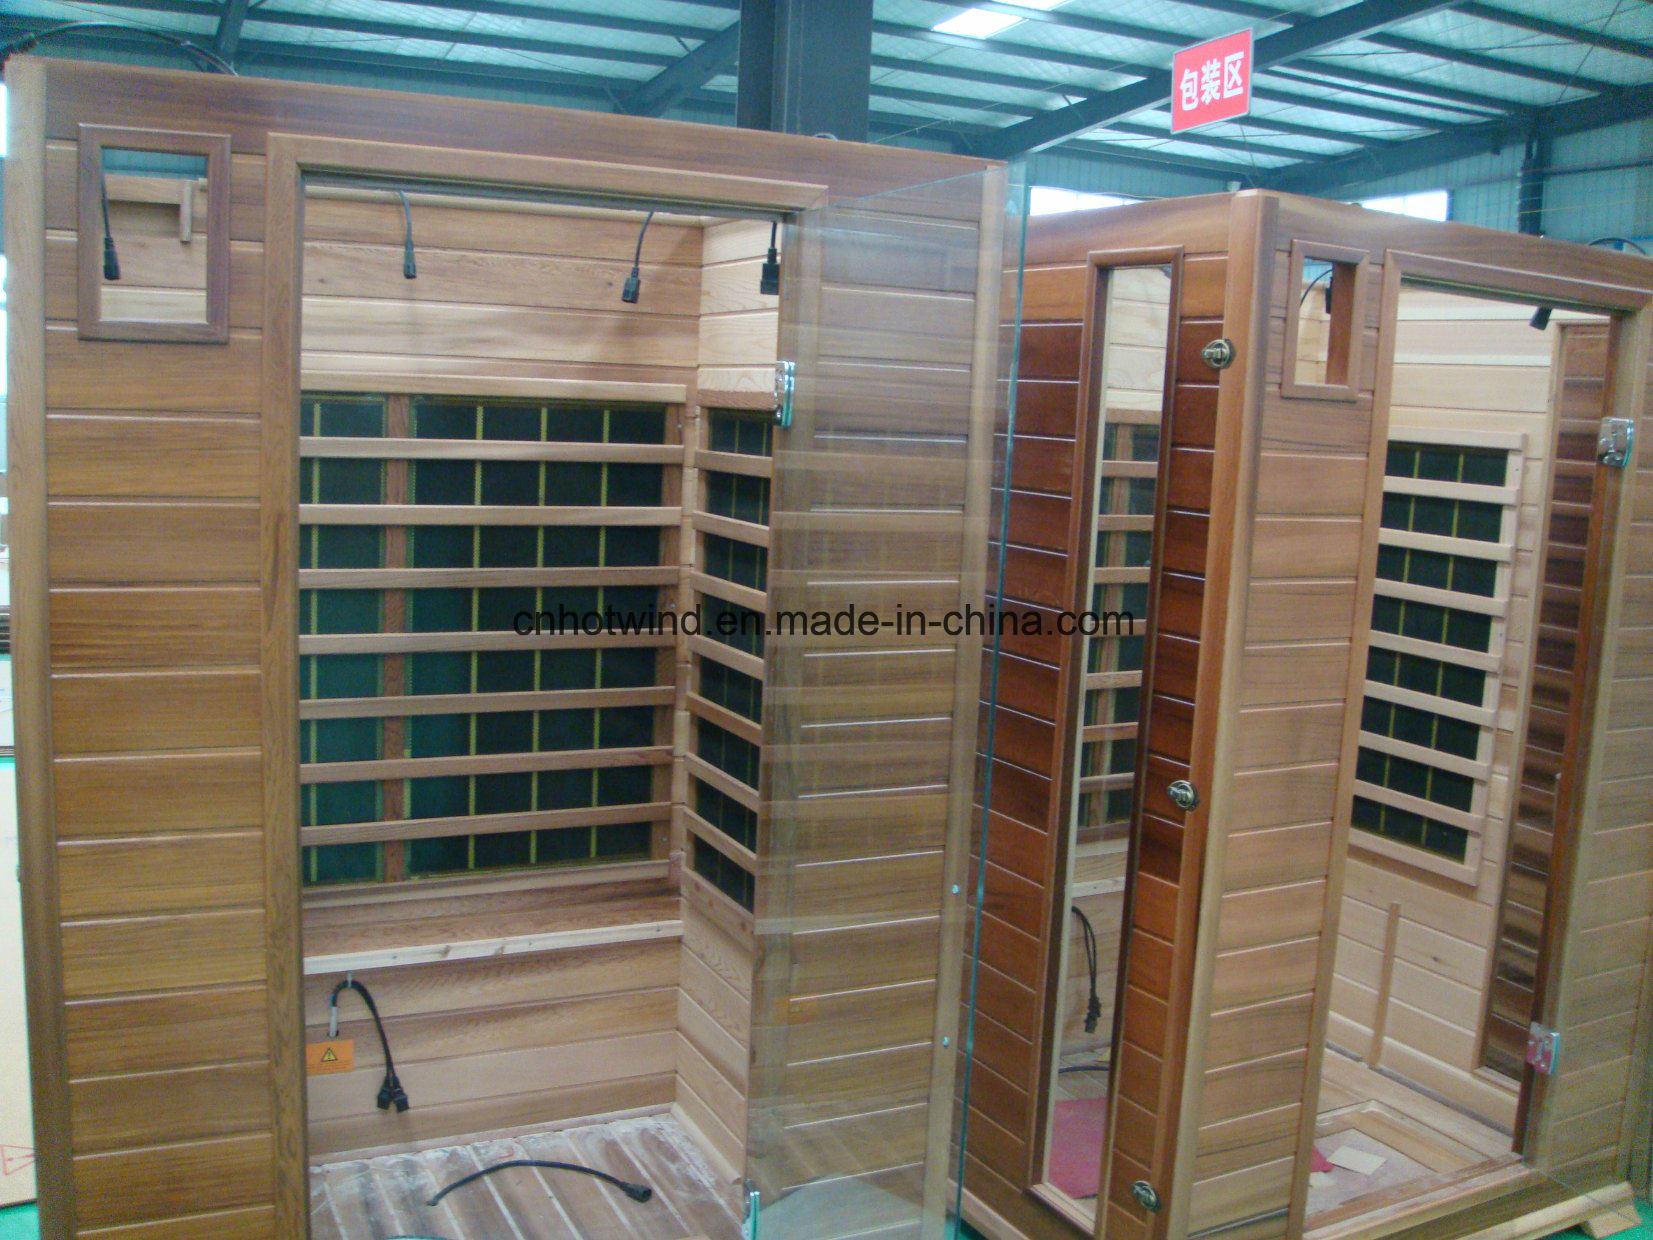 product m wxjjratabkwc house luxury room sauna monalisa china mini cabin